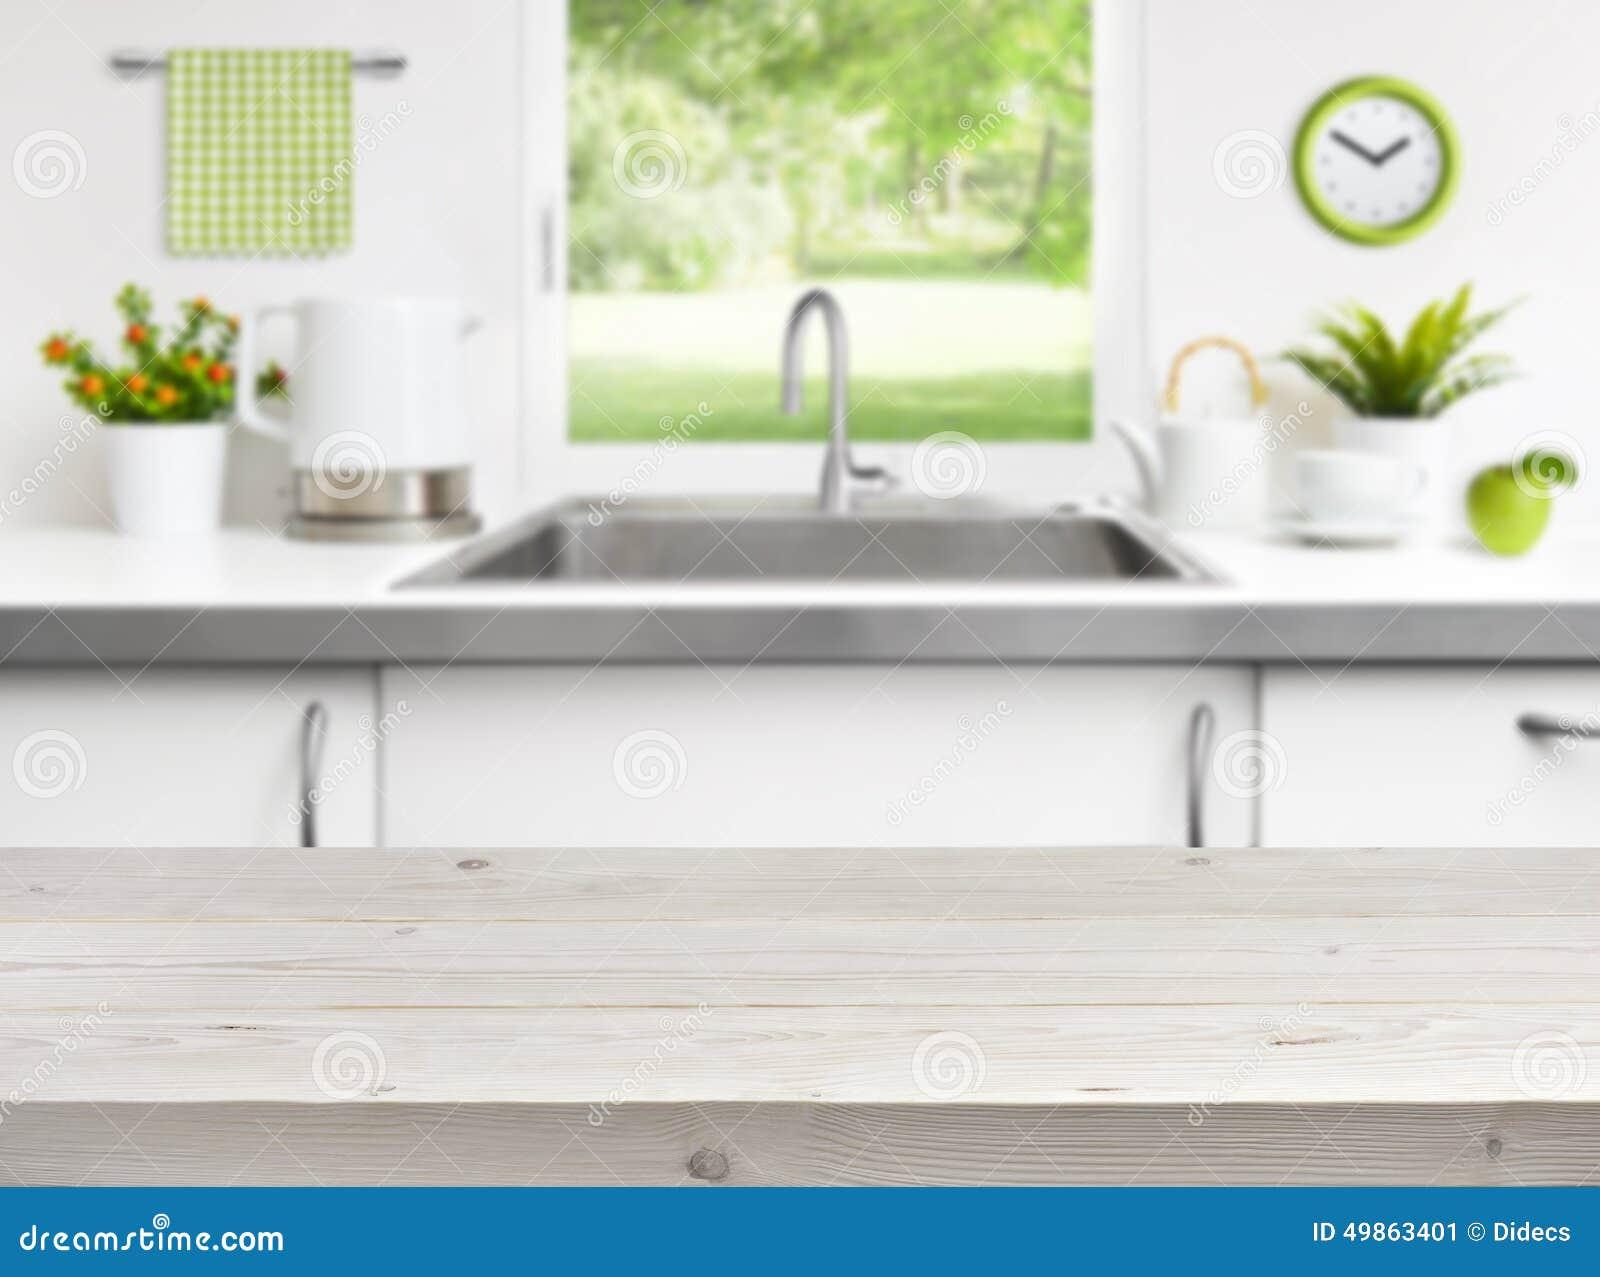 Ξύλινος πίνακας στο υπόβαθρο παραθύρων νεροχυτών κουζινών